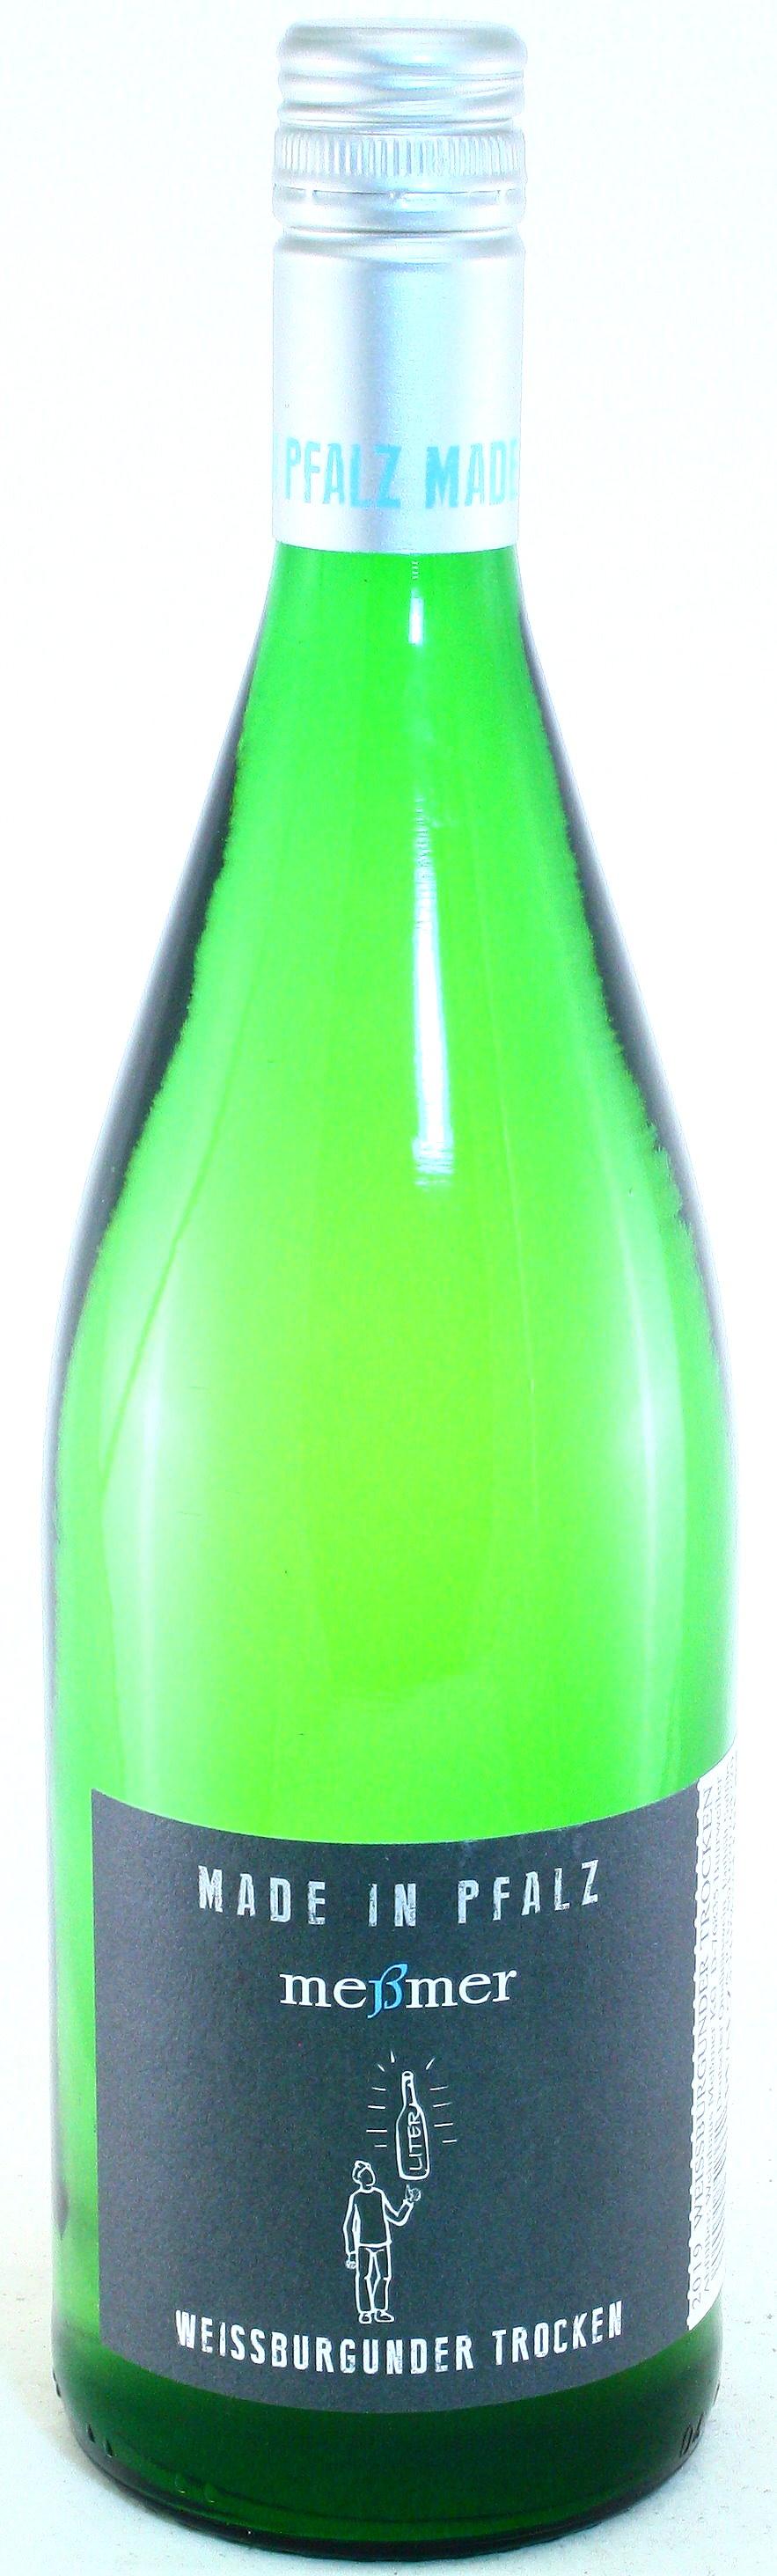 2019 1 Liter Meßmer Weißburgunder trocken, Meßmer - Pfalz